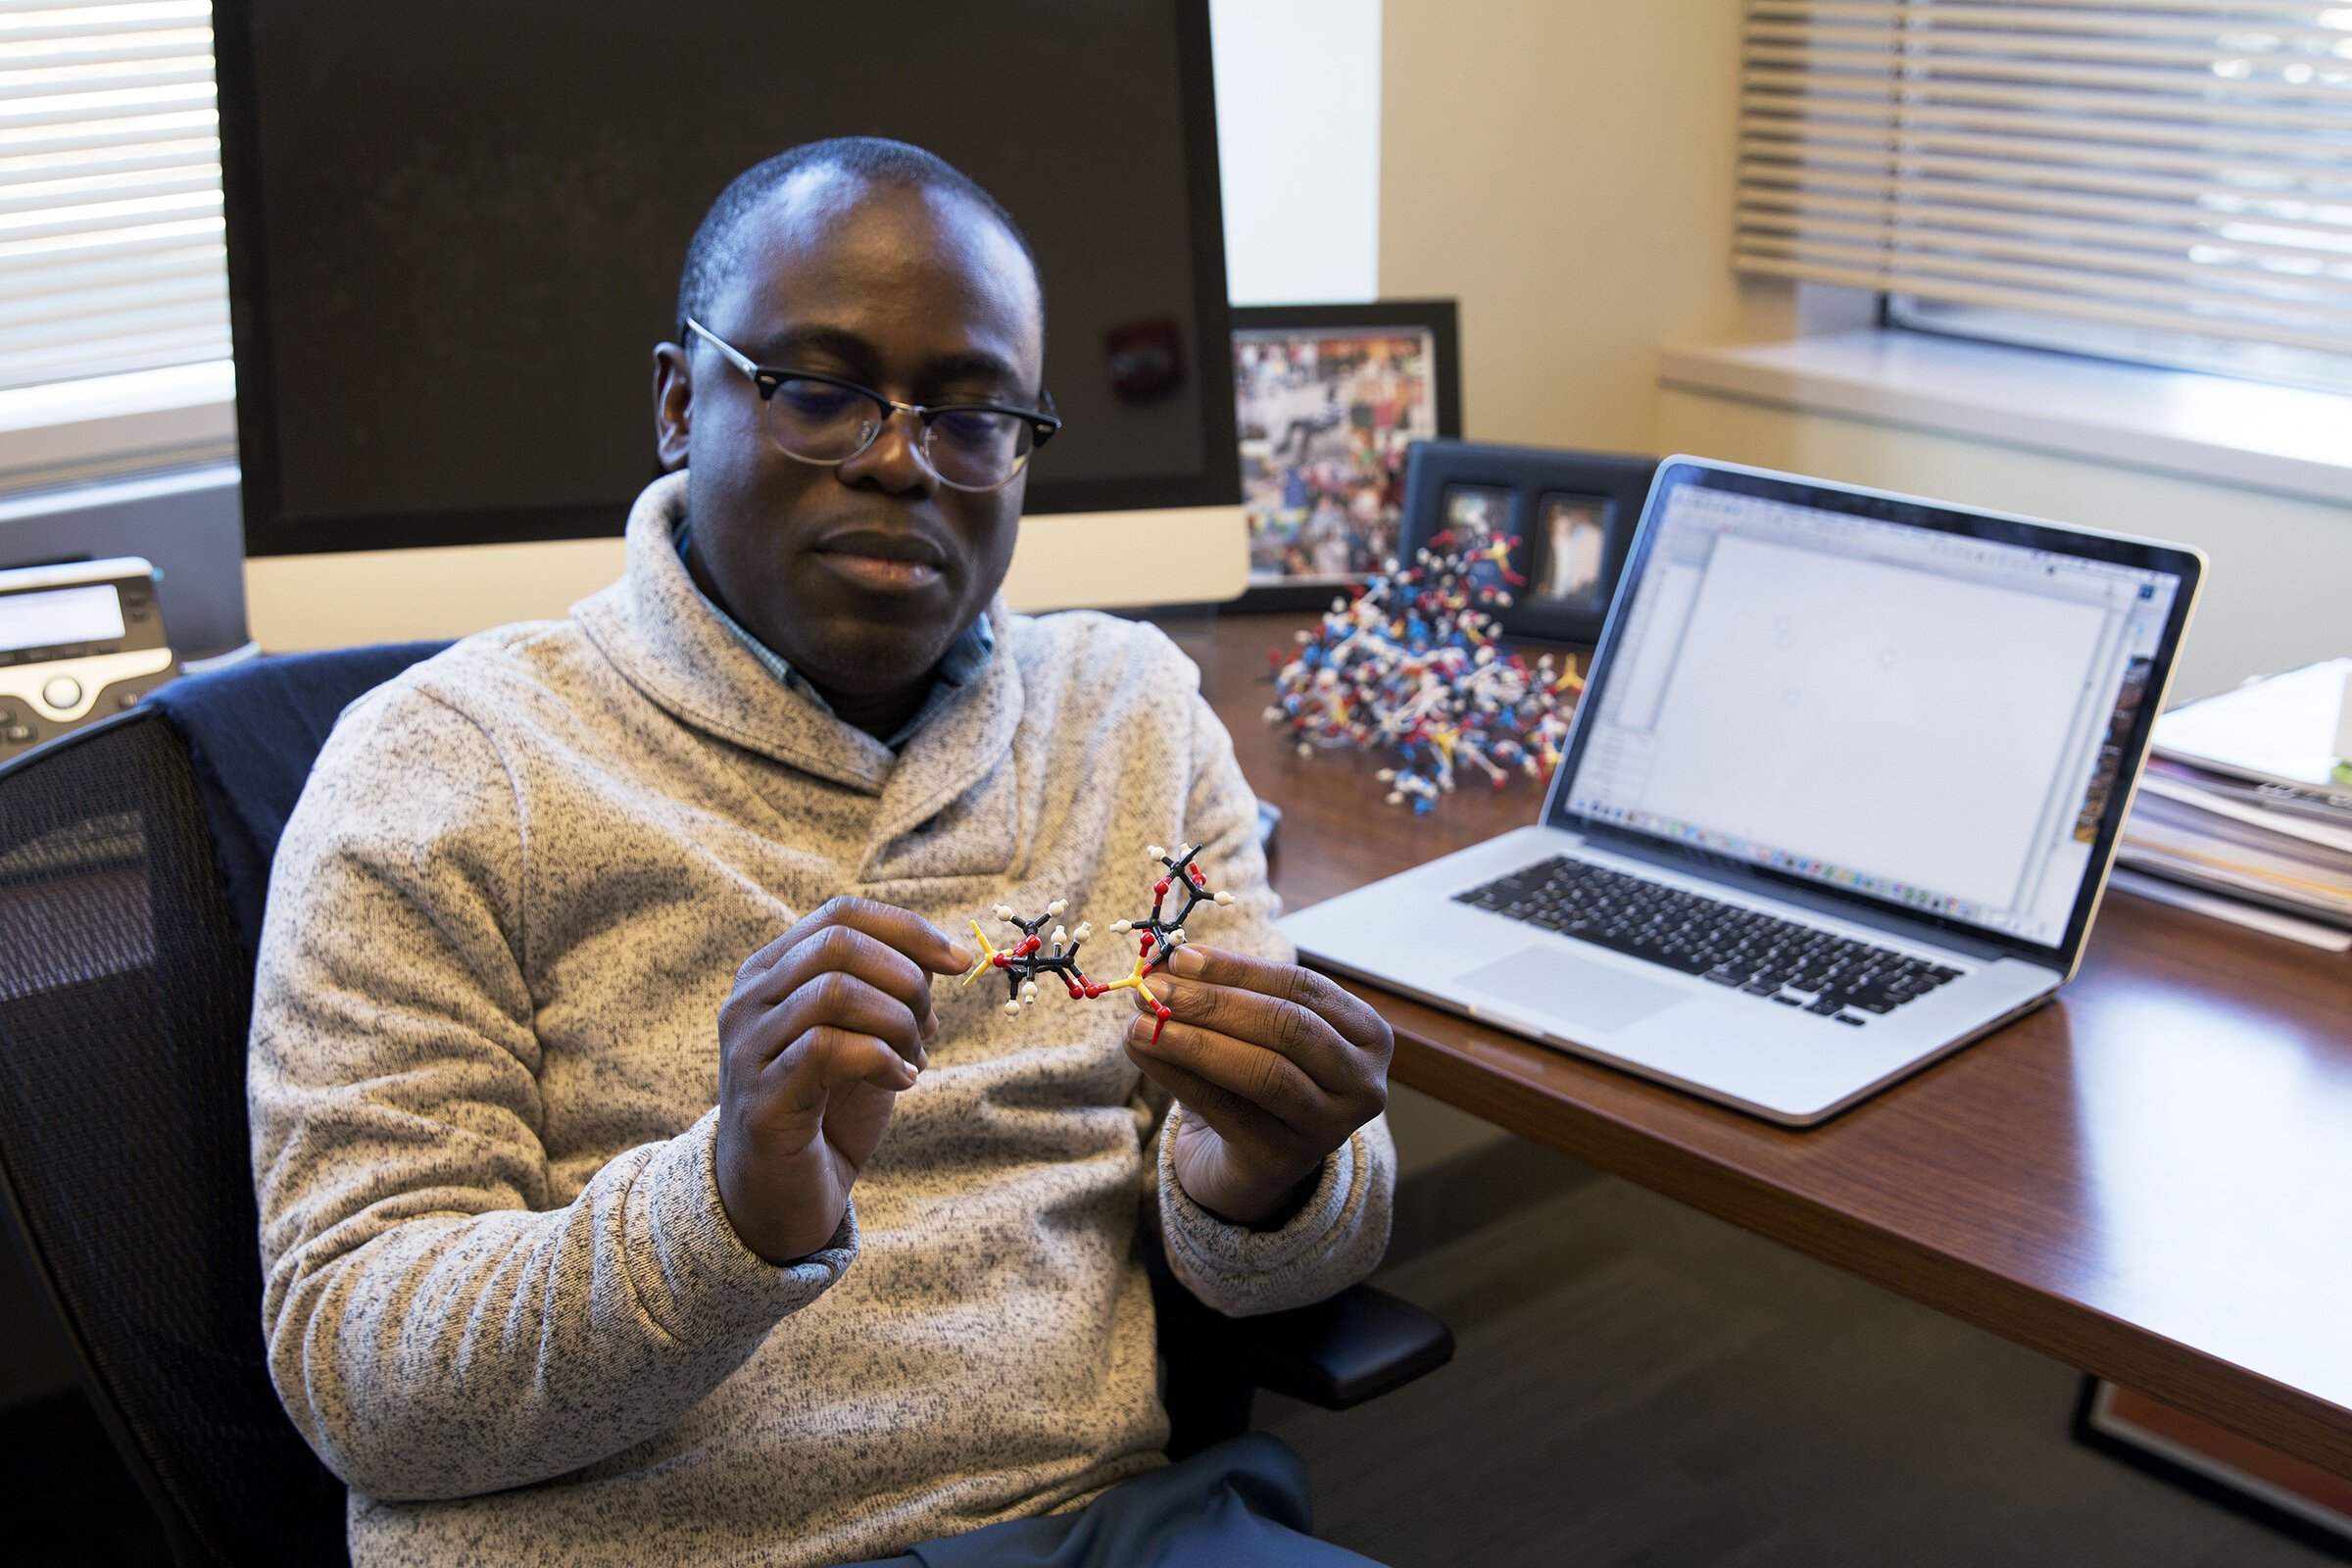 Drogen-Verbindung könnte sein next-generation-Therapie für aggressive form von Leukämie